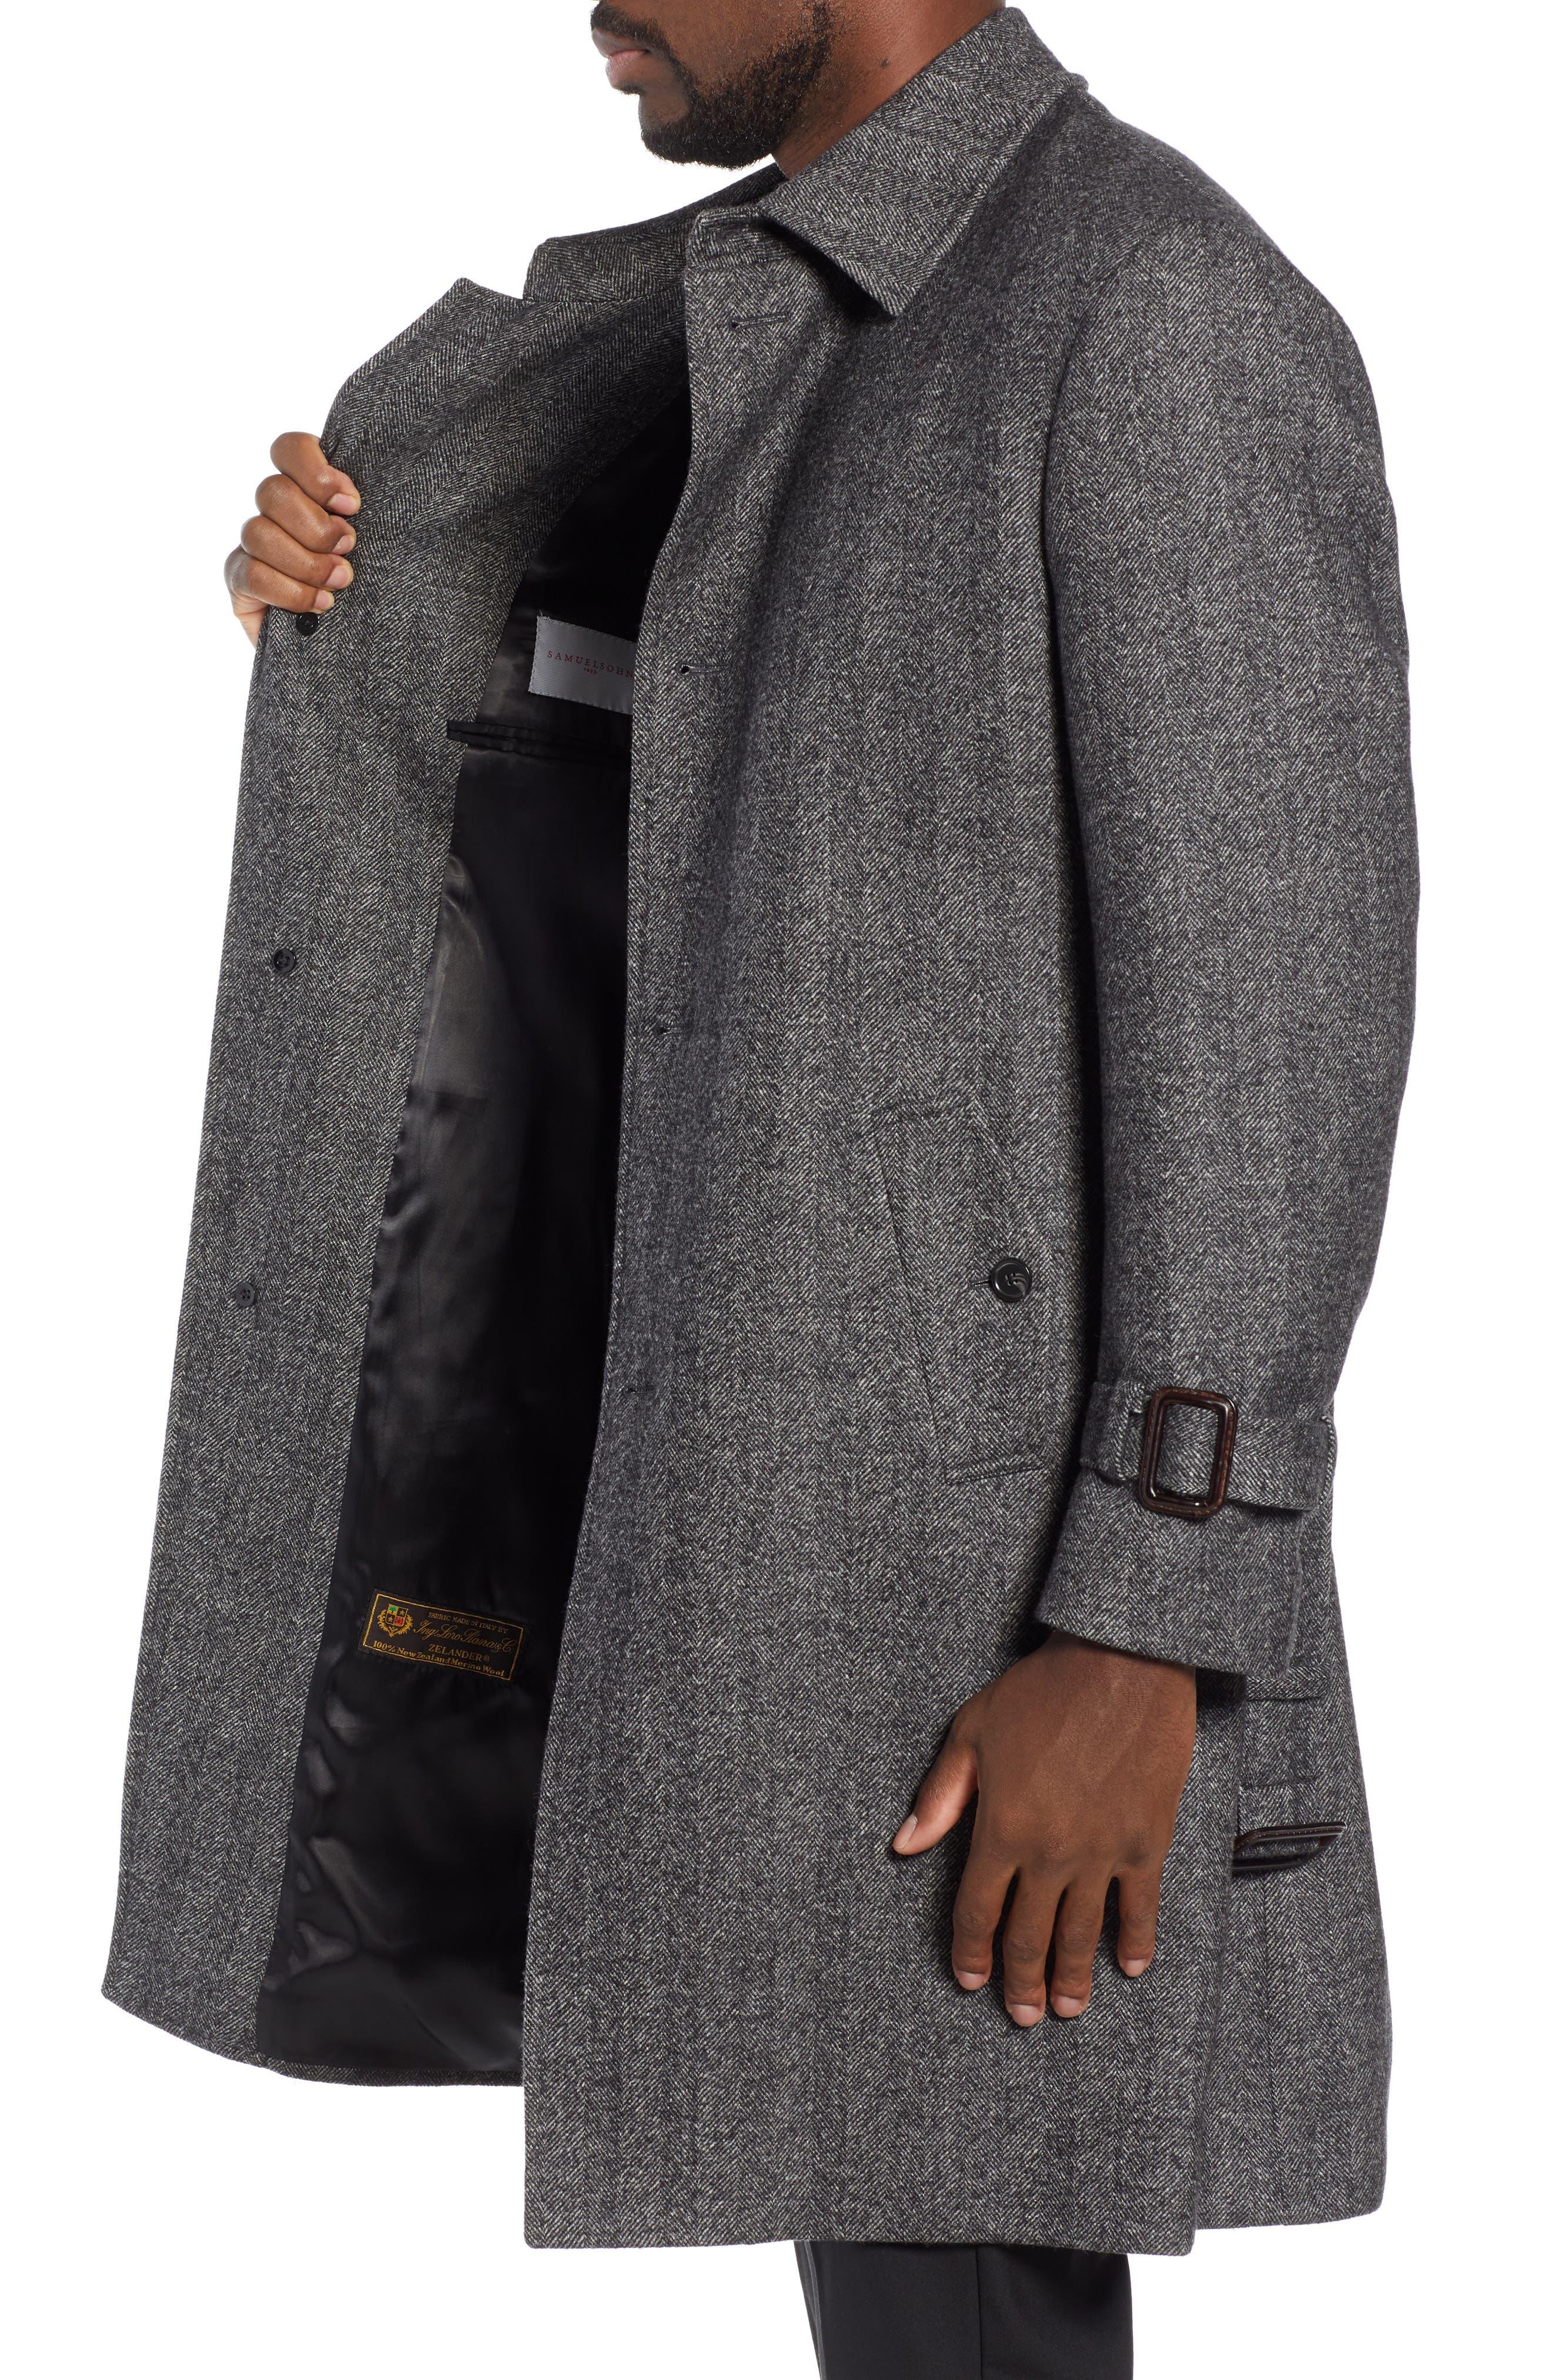 Zelander Herringbone Wool Blend Coat,                             Alternate thumbnail 3, color,                             GREY